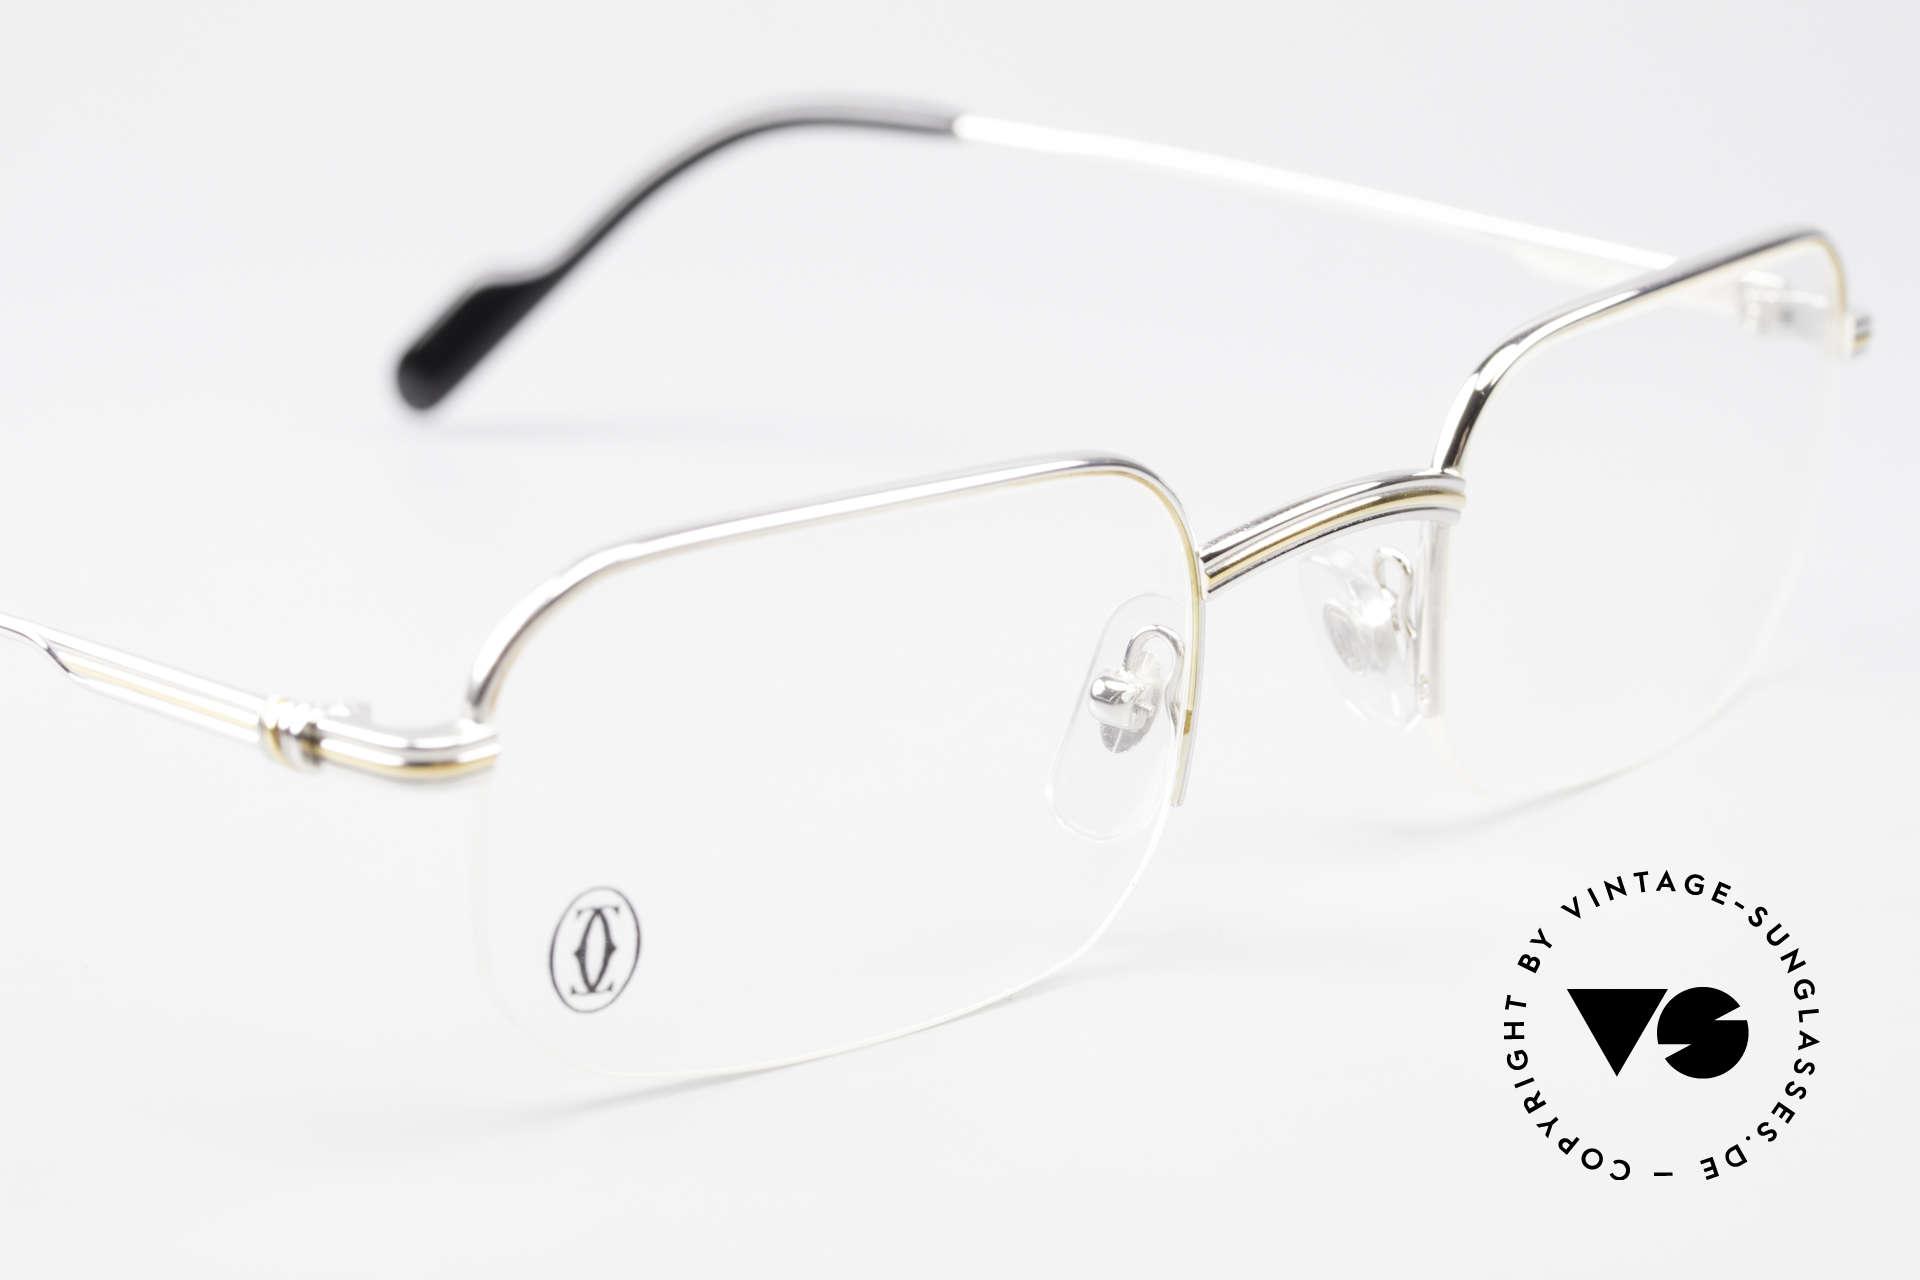 Cartier Broadway Halb Randlose Brille Platin, zusätzlich mit einem vintage Leder-Etui von GENTA, Passend für Herren